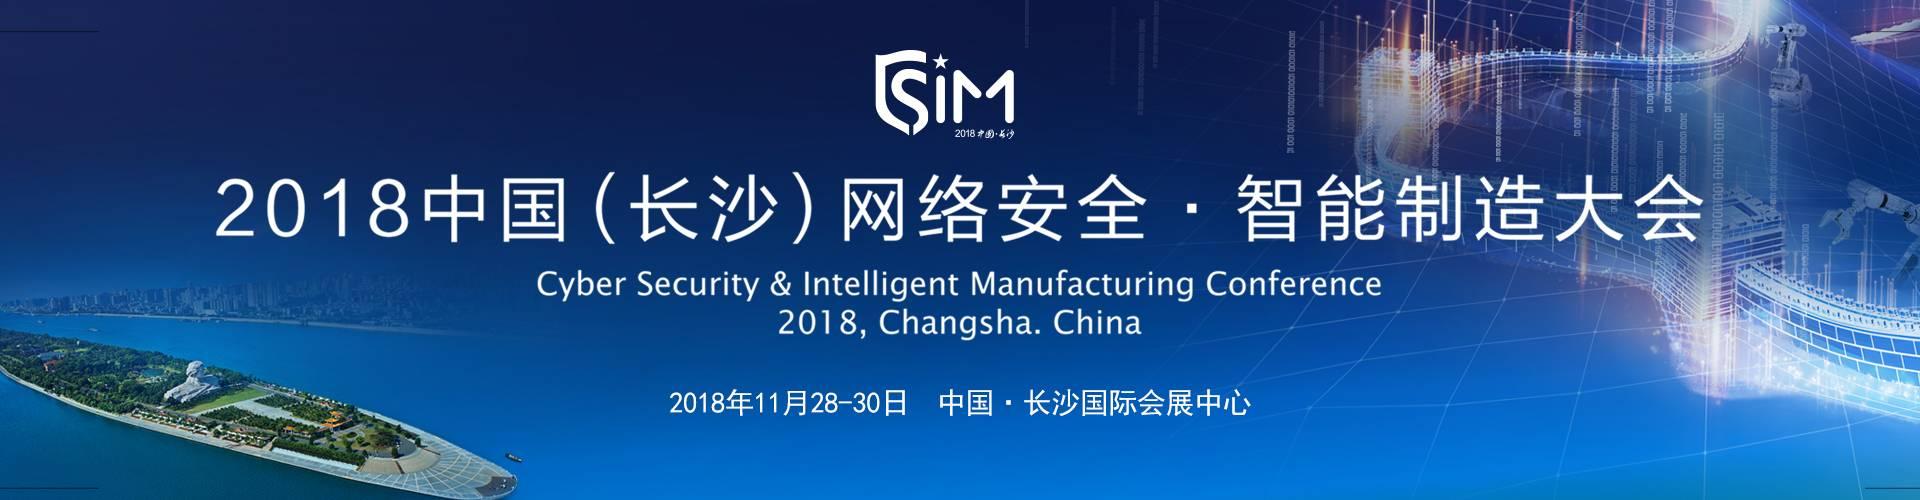 2018中国(长沙)网络安全·智能制造大会